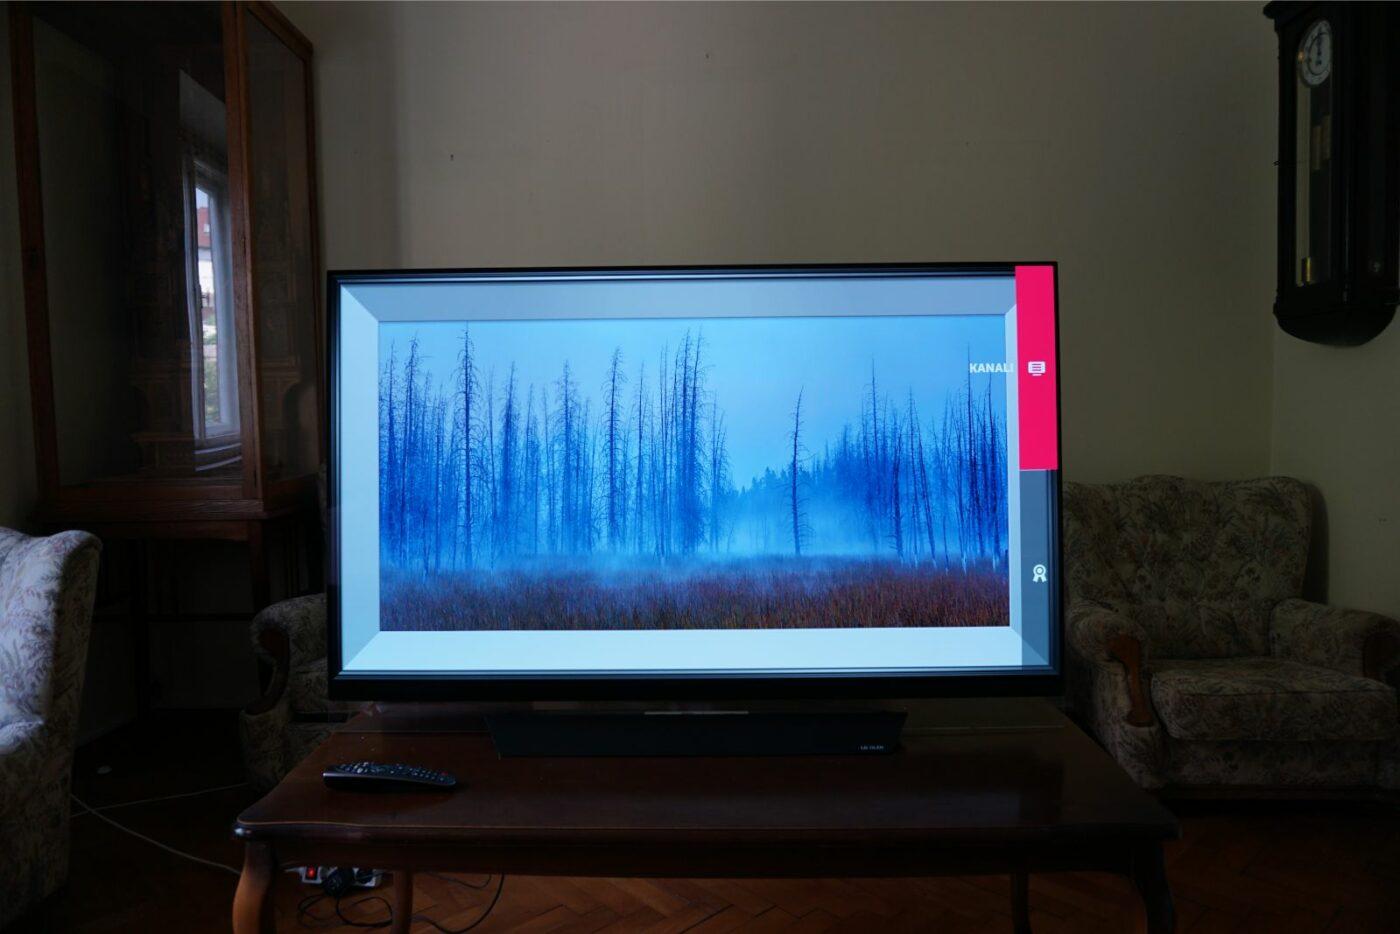 LG OLED55E8V 9